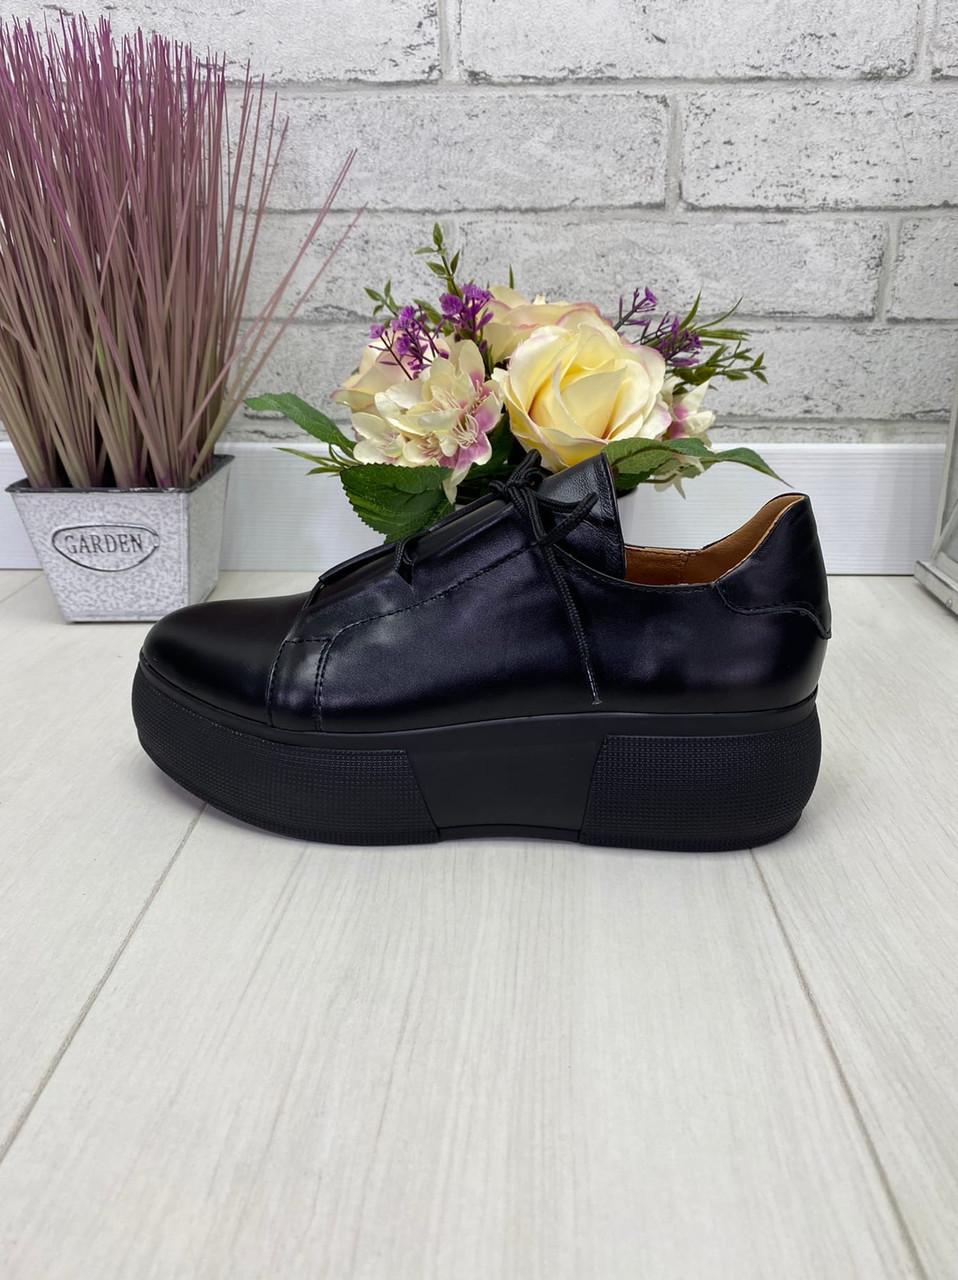 38 р. Кроссовки женские черные кожаные на подошве, из натуральной кожи, натуральная кожа